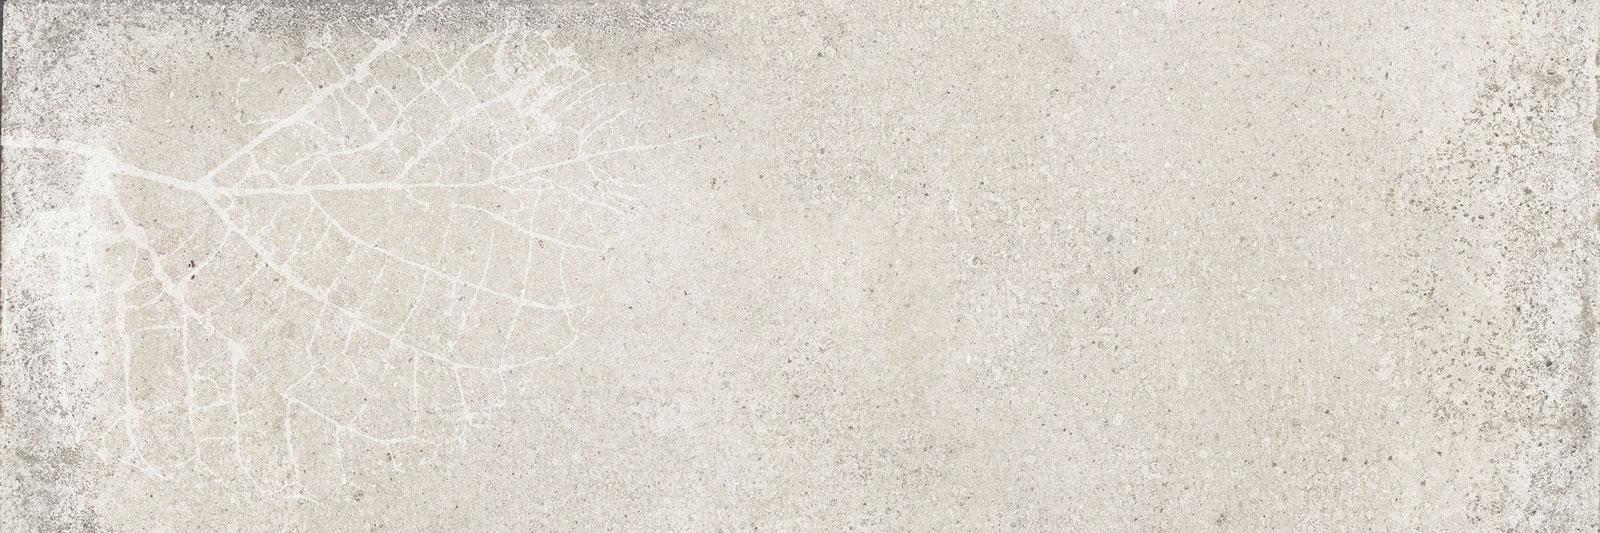 LA WELA DEKOR Concrete Leaves Dekor 2 Image